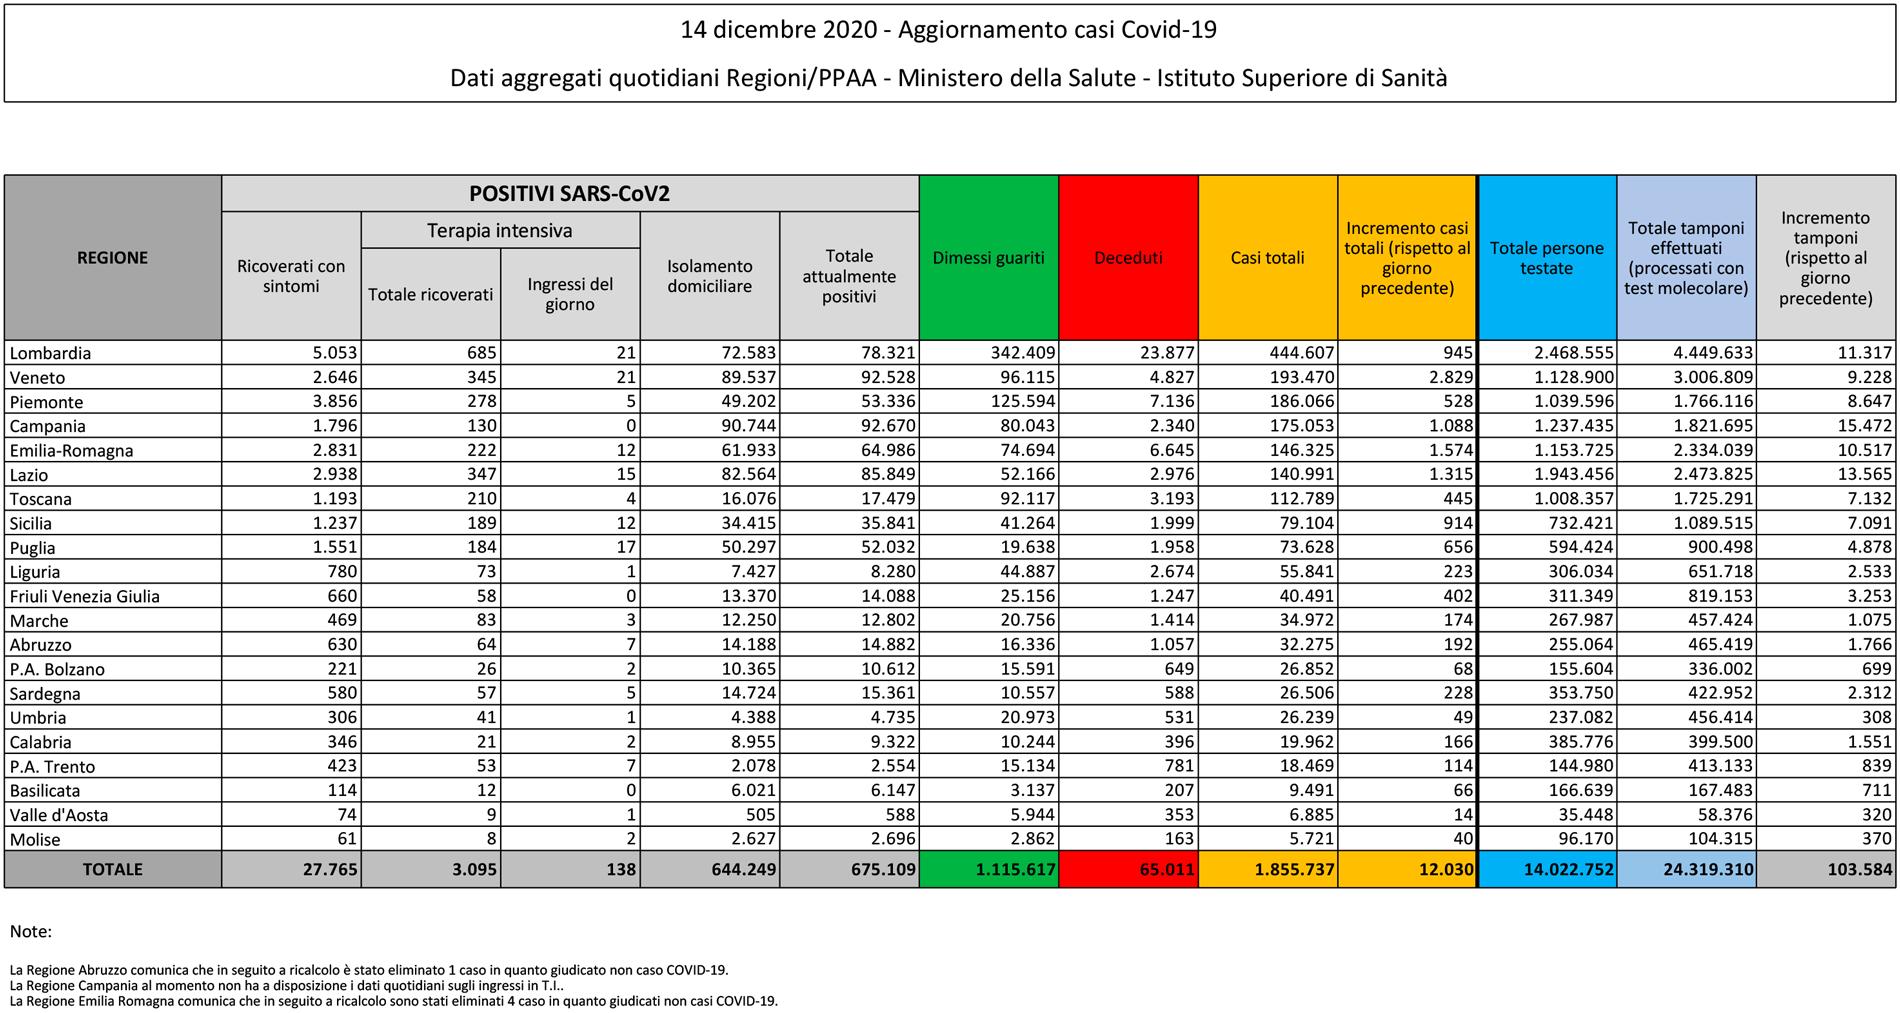 tabella del bollettino del 14 dicembre 2020 contenente i dati sul coronavirus (o covid) in italia